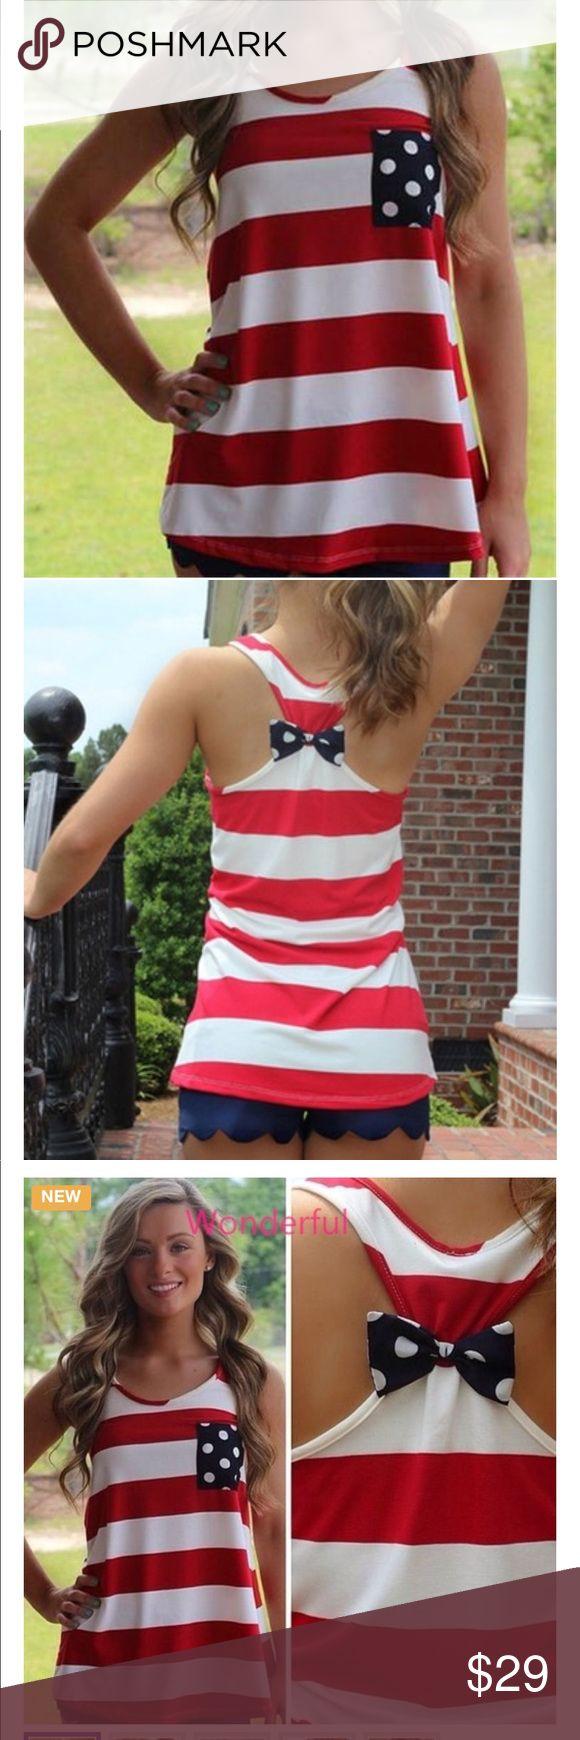 Hot stripes & Polka Dot pocket & bows-cute top Hot Stripes & Polka Dot Pocket & Bows!!!  Cute Cute Cute Top!!! Tops Muscle Tees